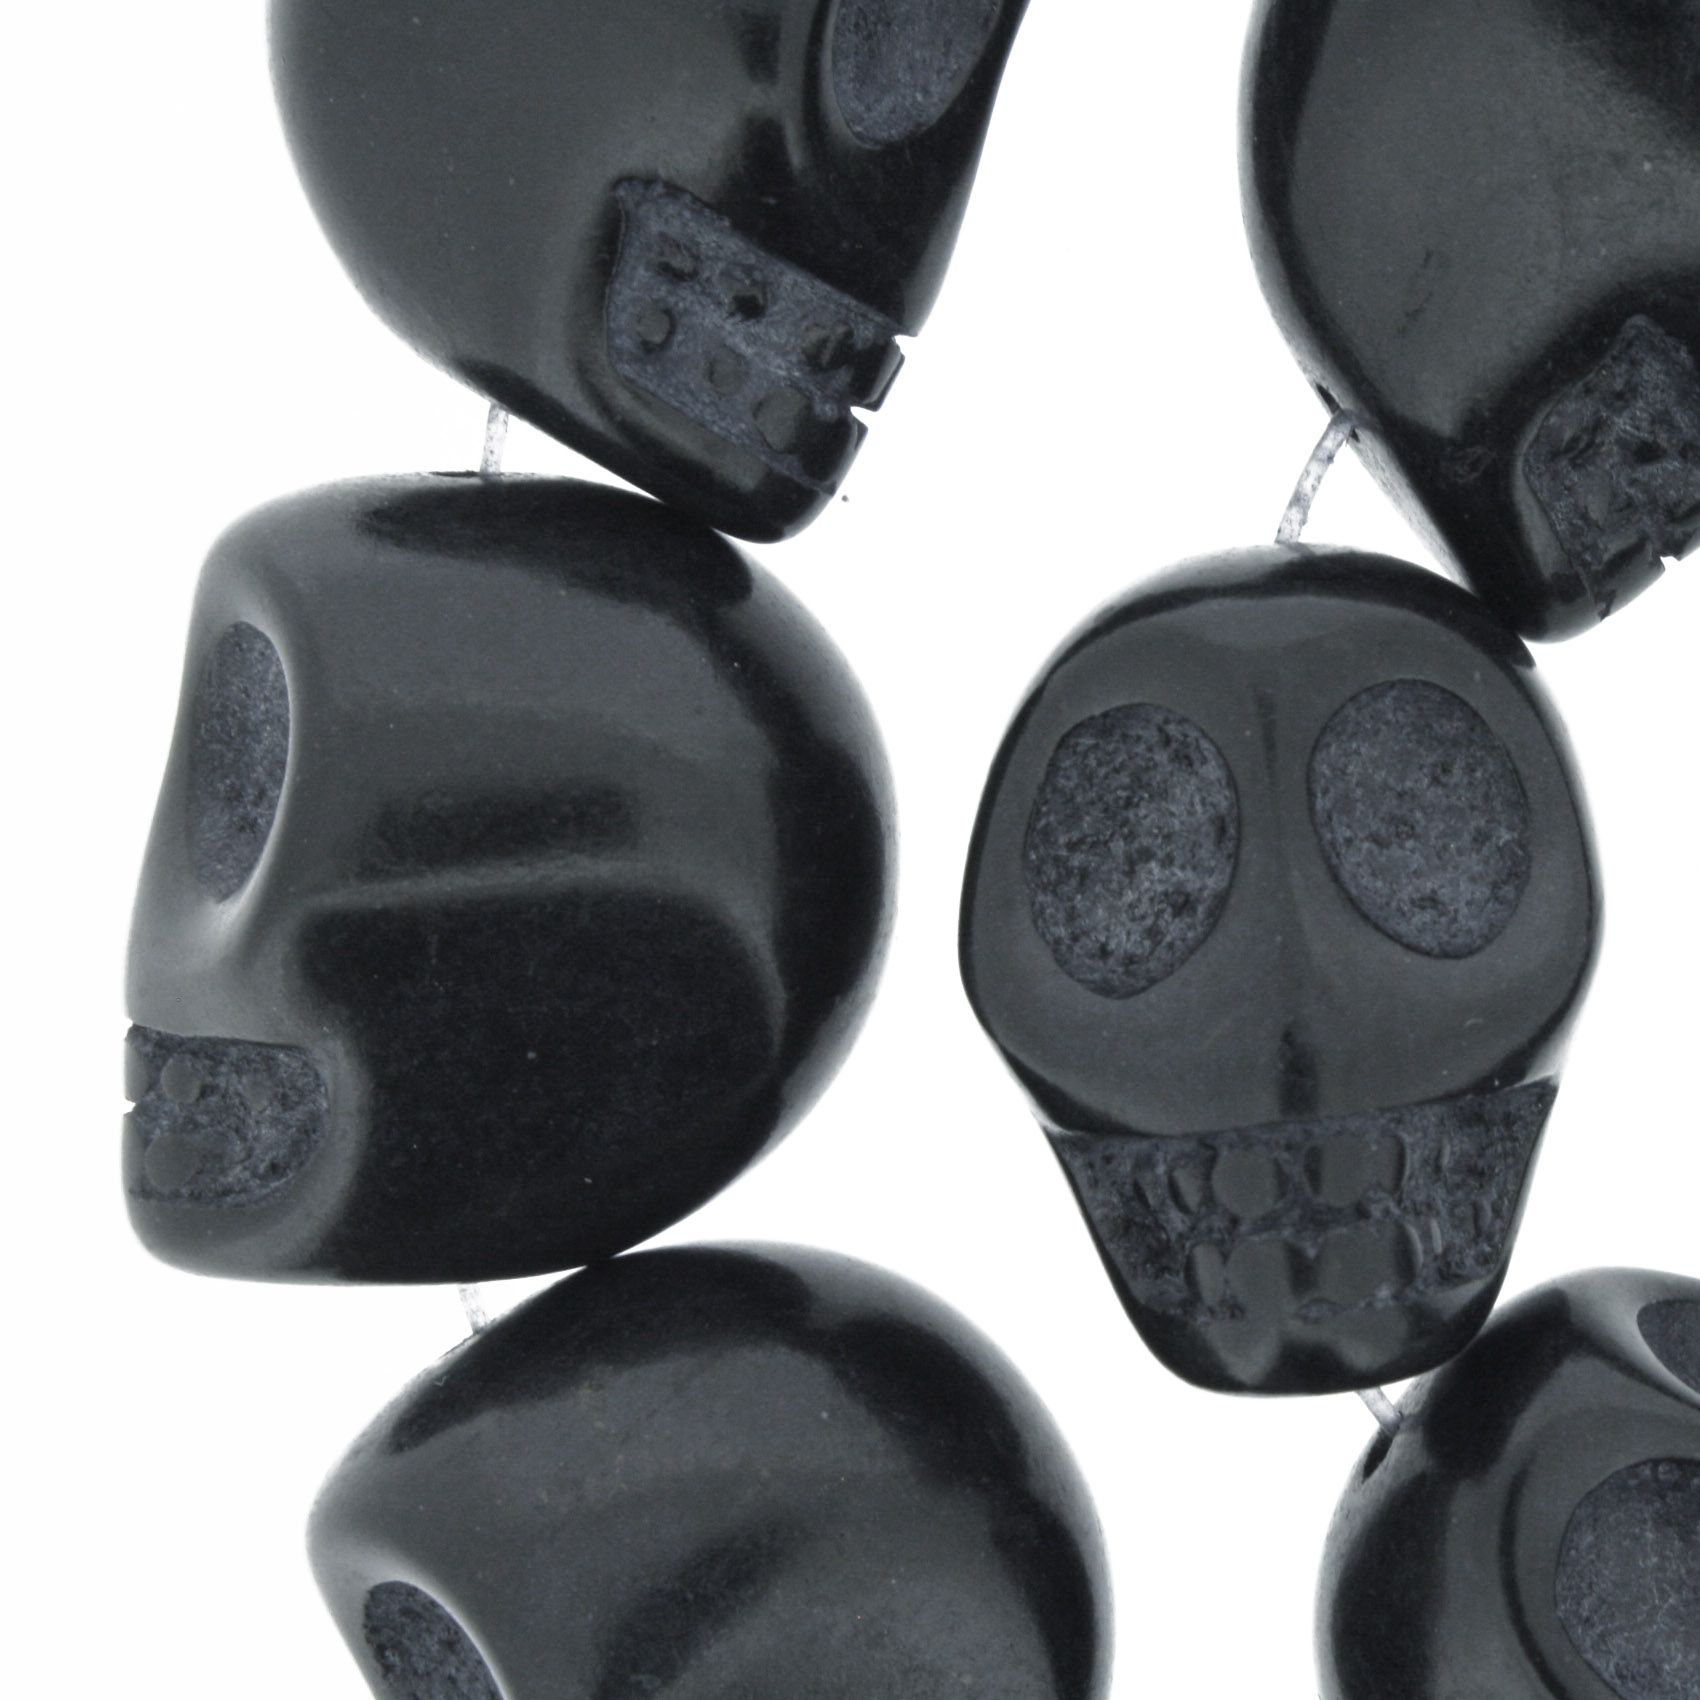 Fio de Caveira de Pedra - Preta - Grande - 22x17mm  - Universo Religioso® - Artigos de Umbanda e Candomblé